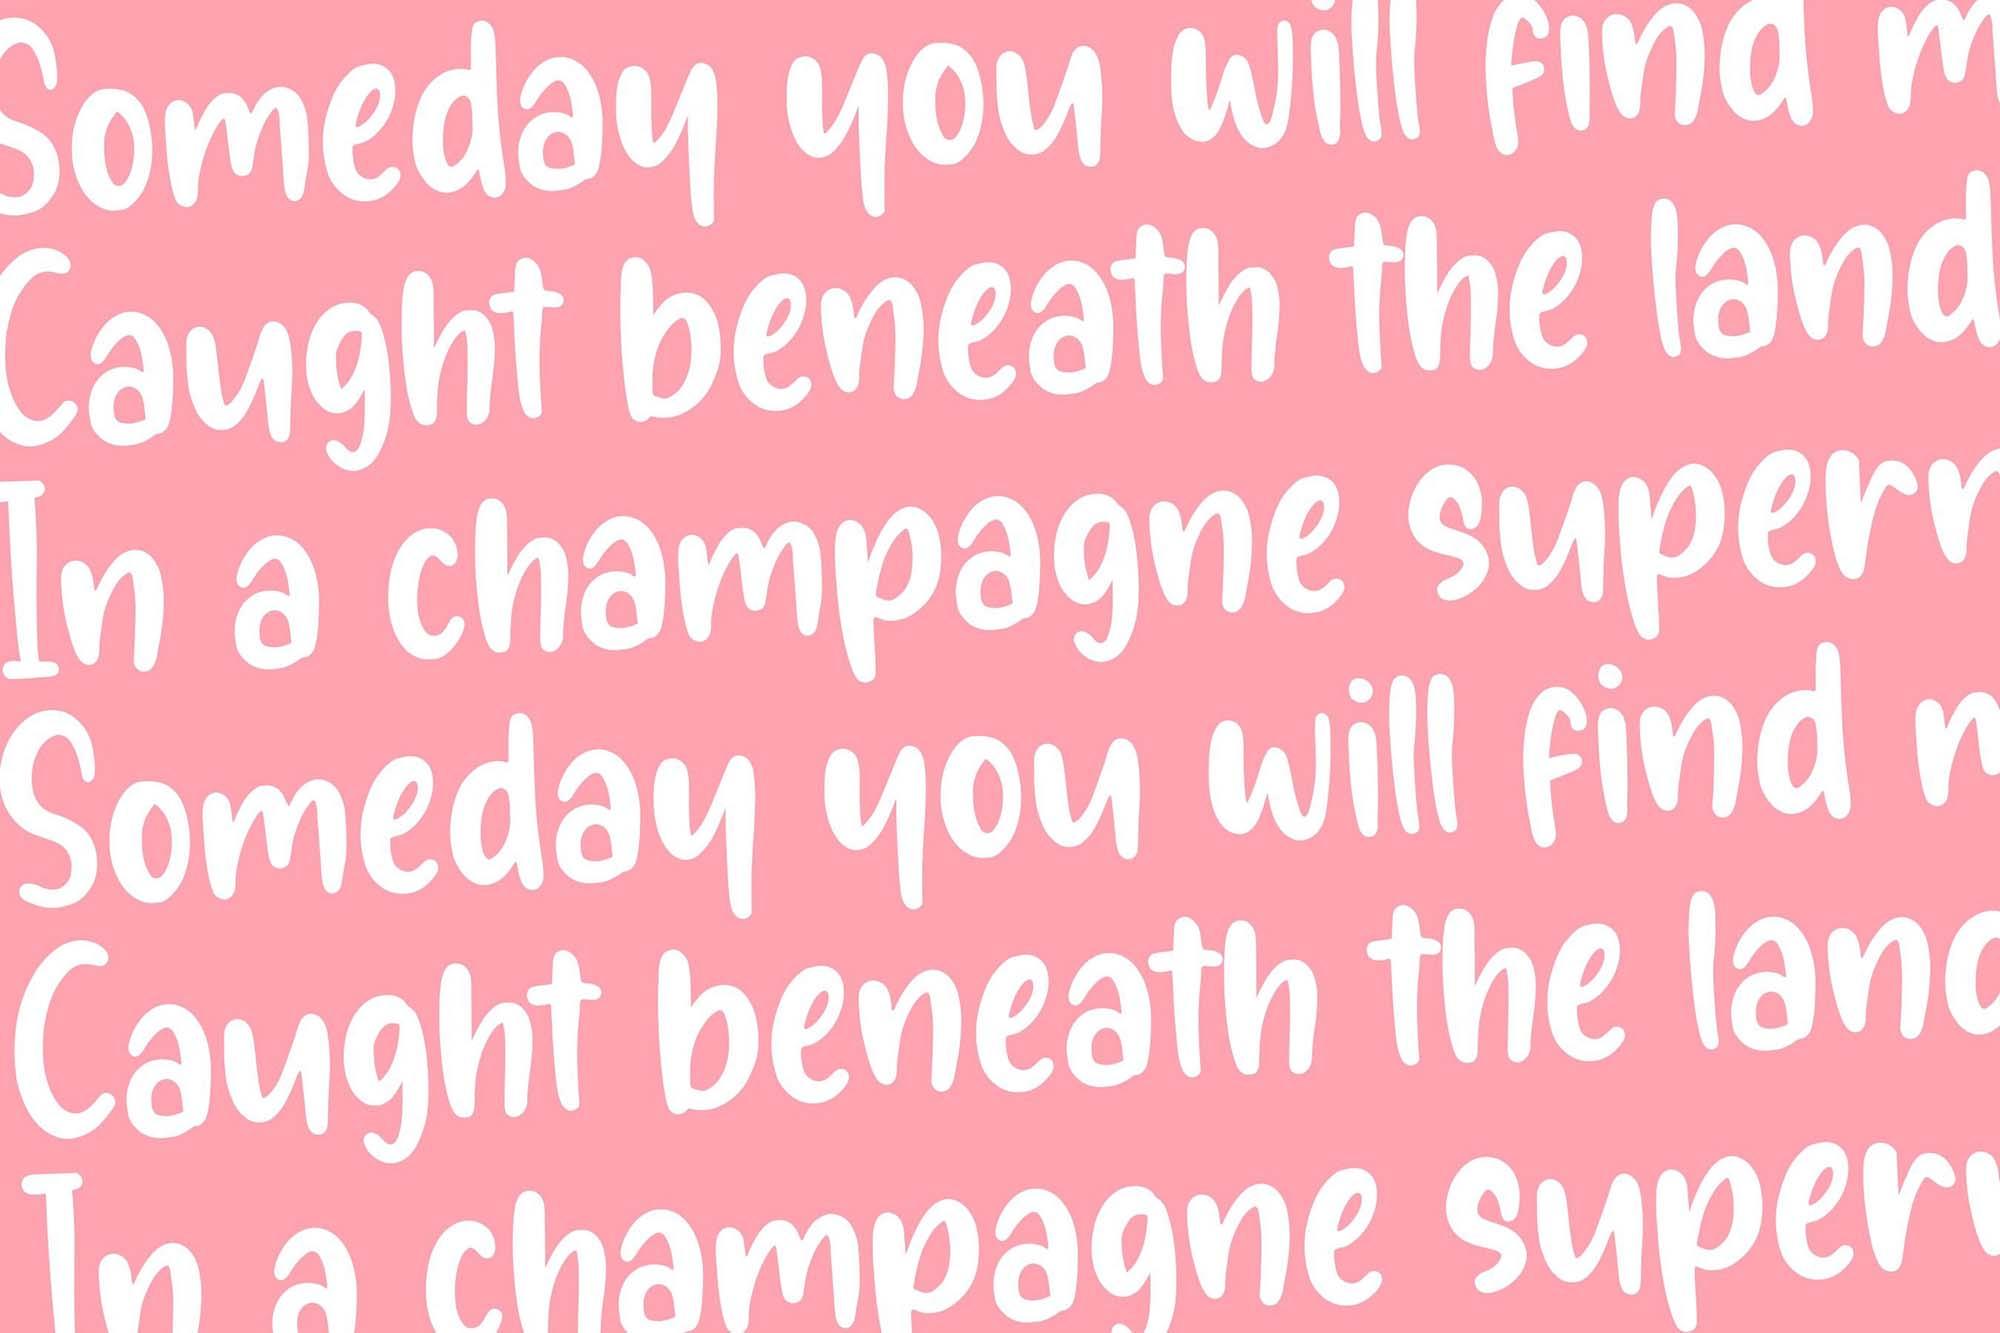 فونت دست نویس انگلیسی Sunglory